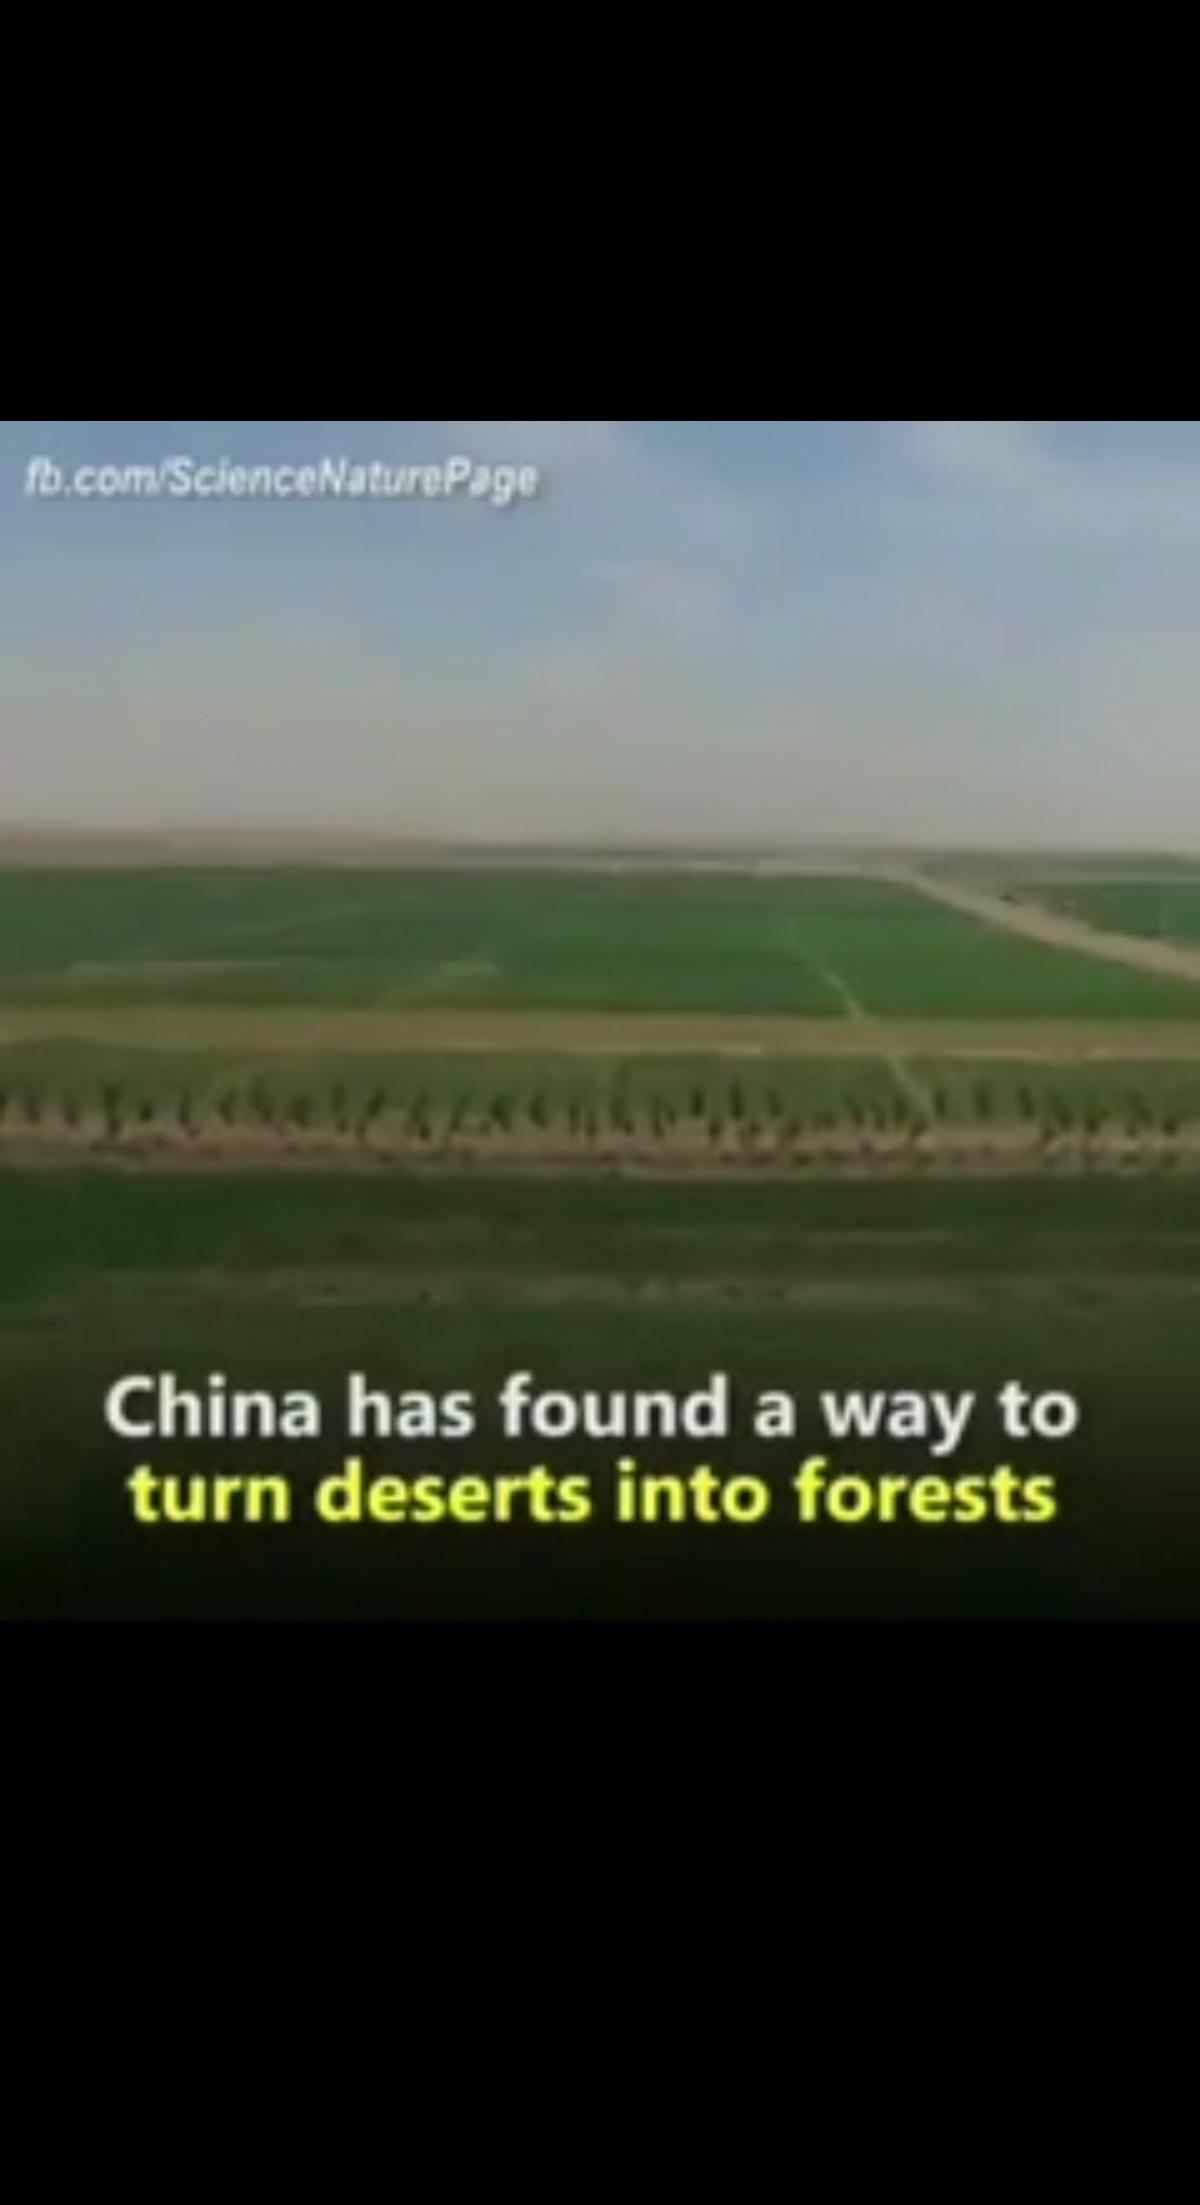 چینیها در مدت ۶ ماه بیابان بی آب و علف رو تبدیل به جنگل میکنند! + ویدئو